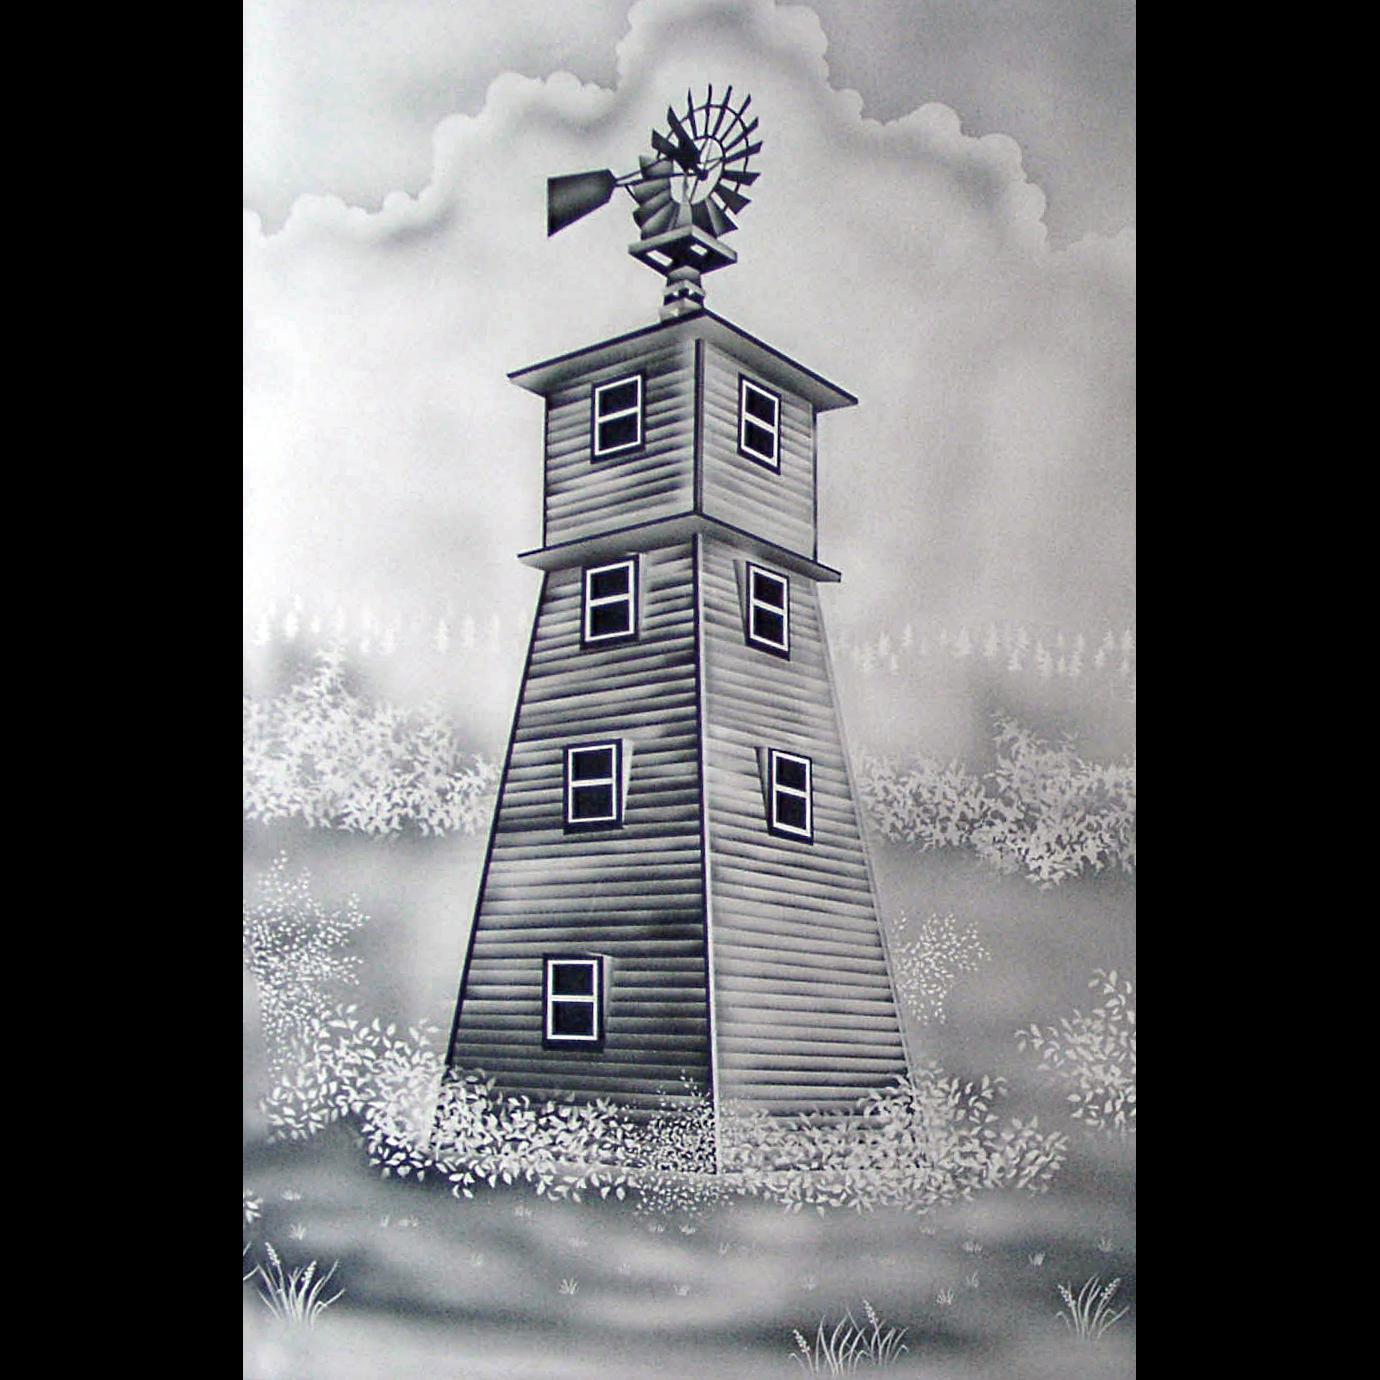 windmill-a